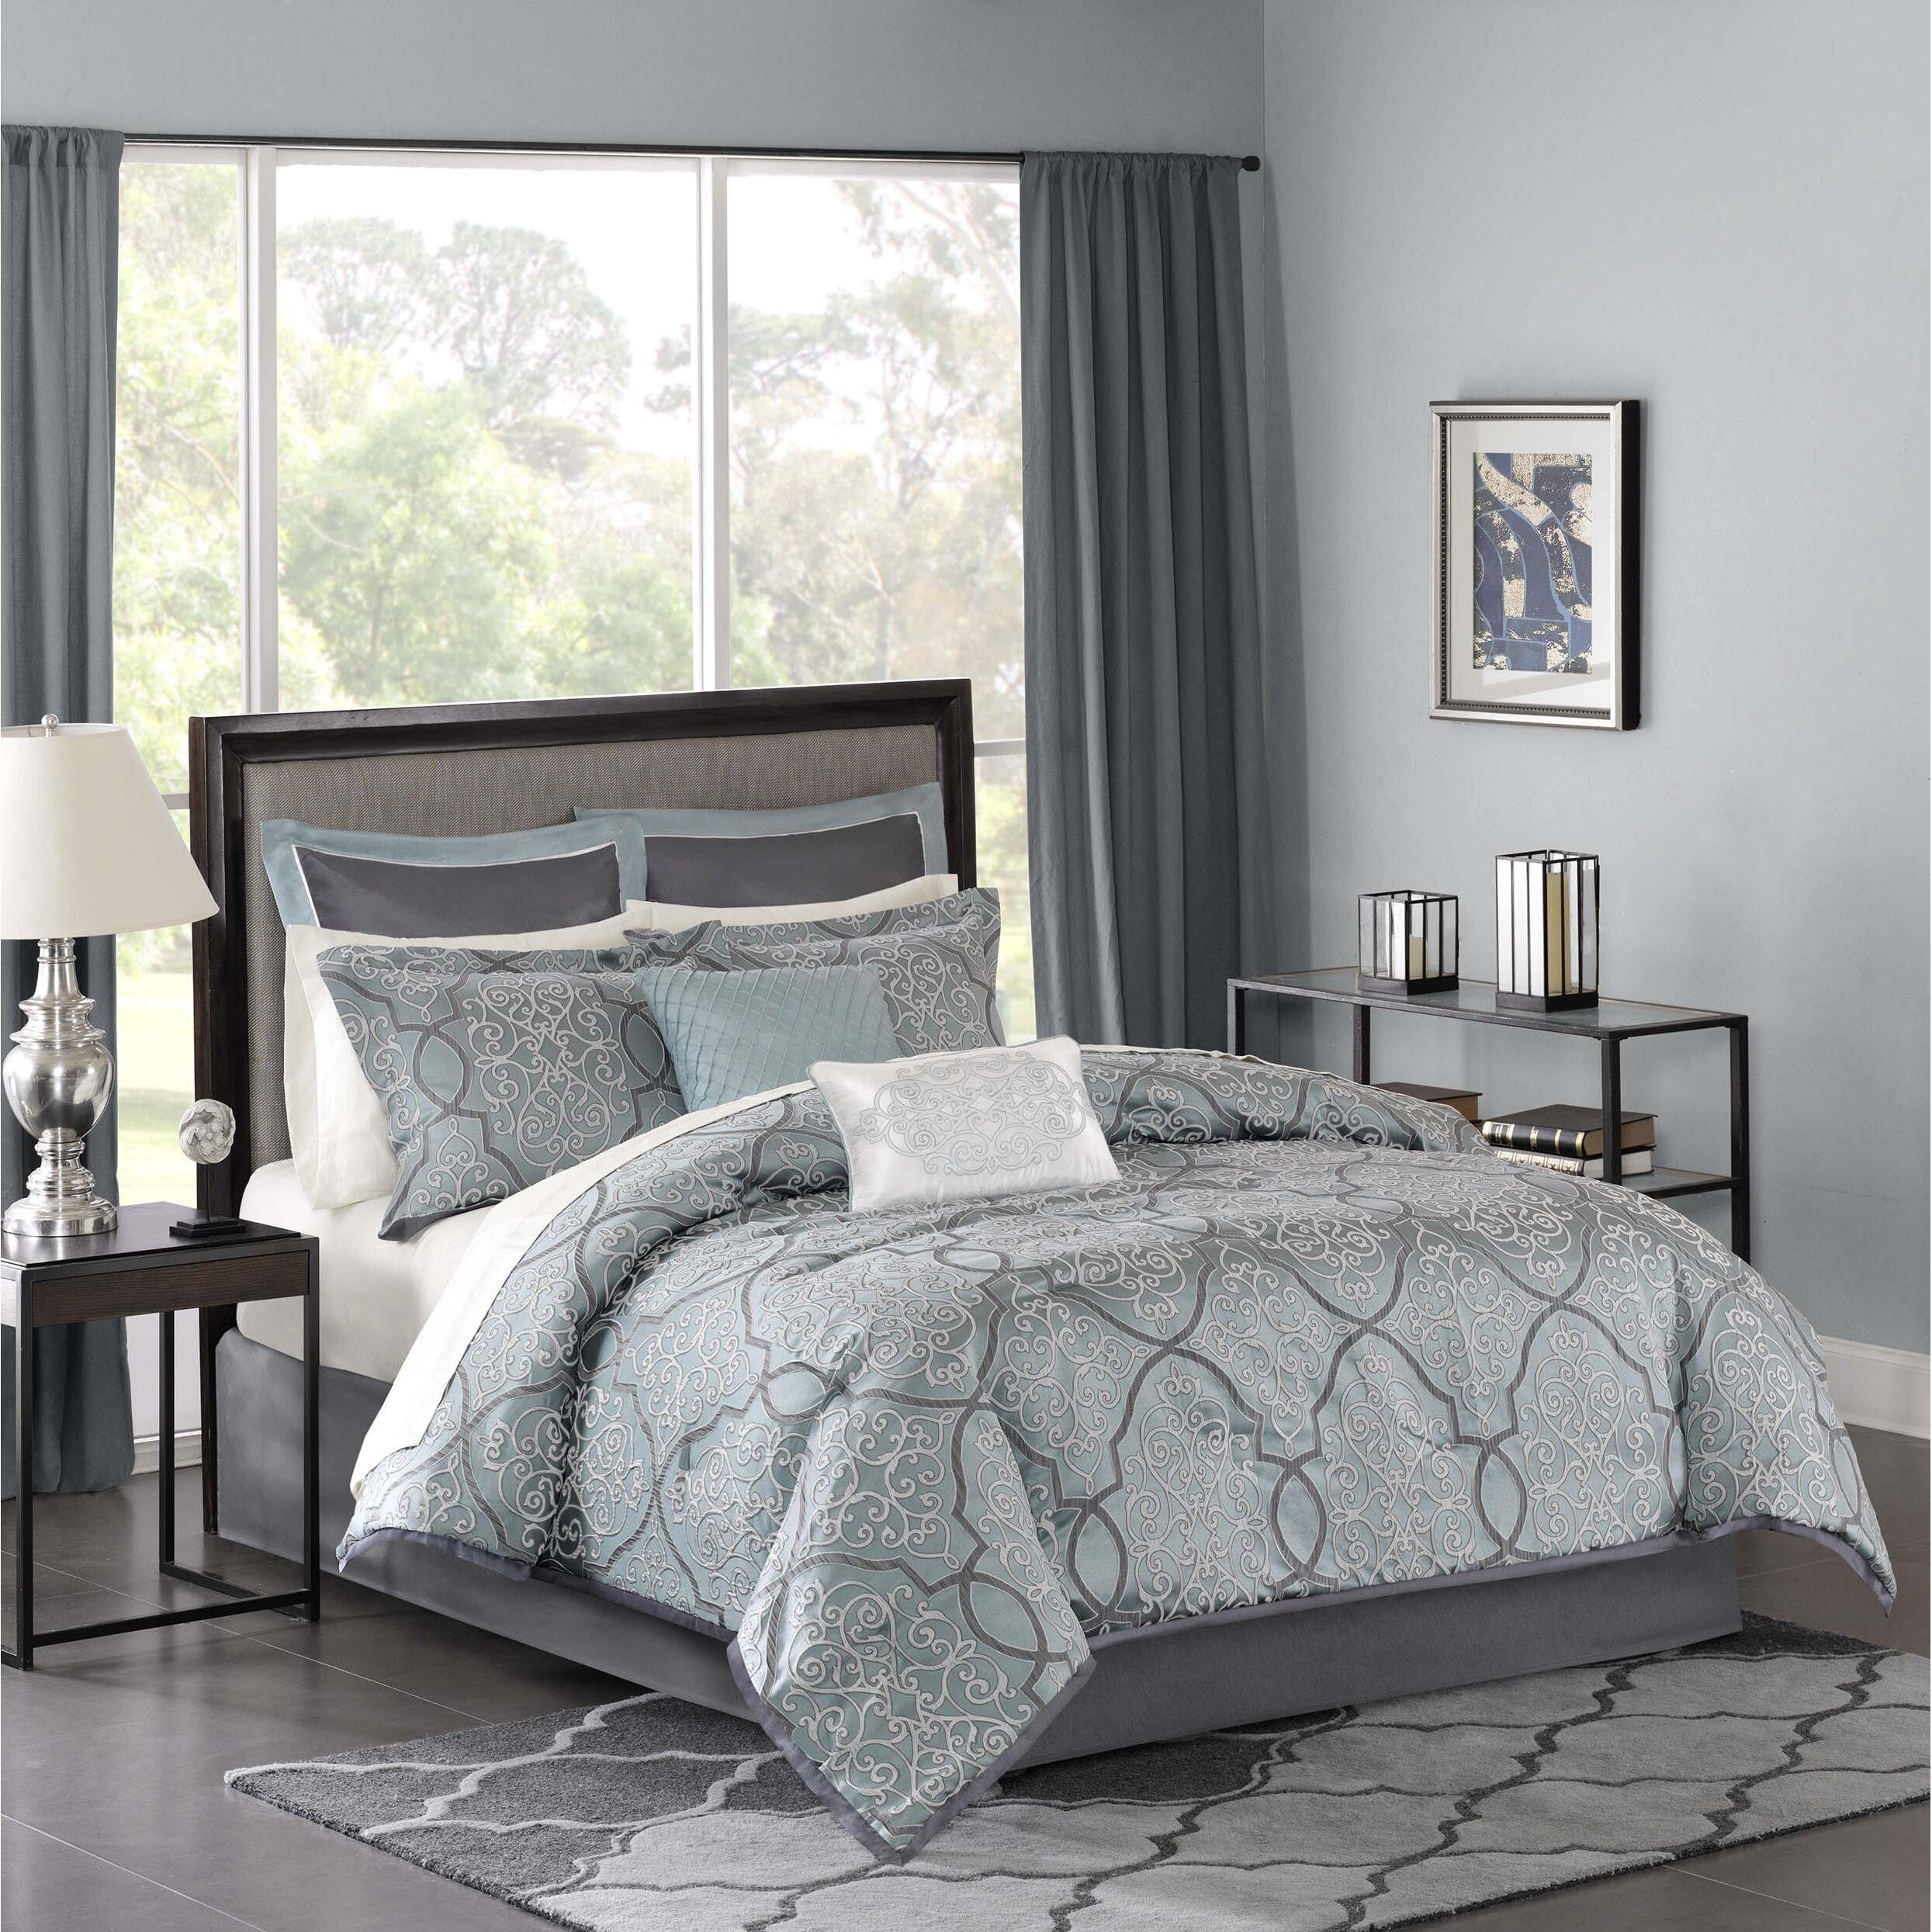 Bedspread designs texture - Dreiling 12 Piece Comforter Set